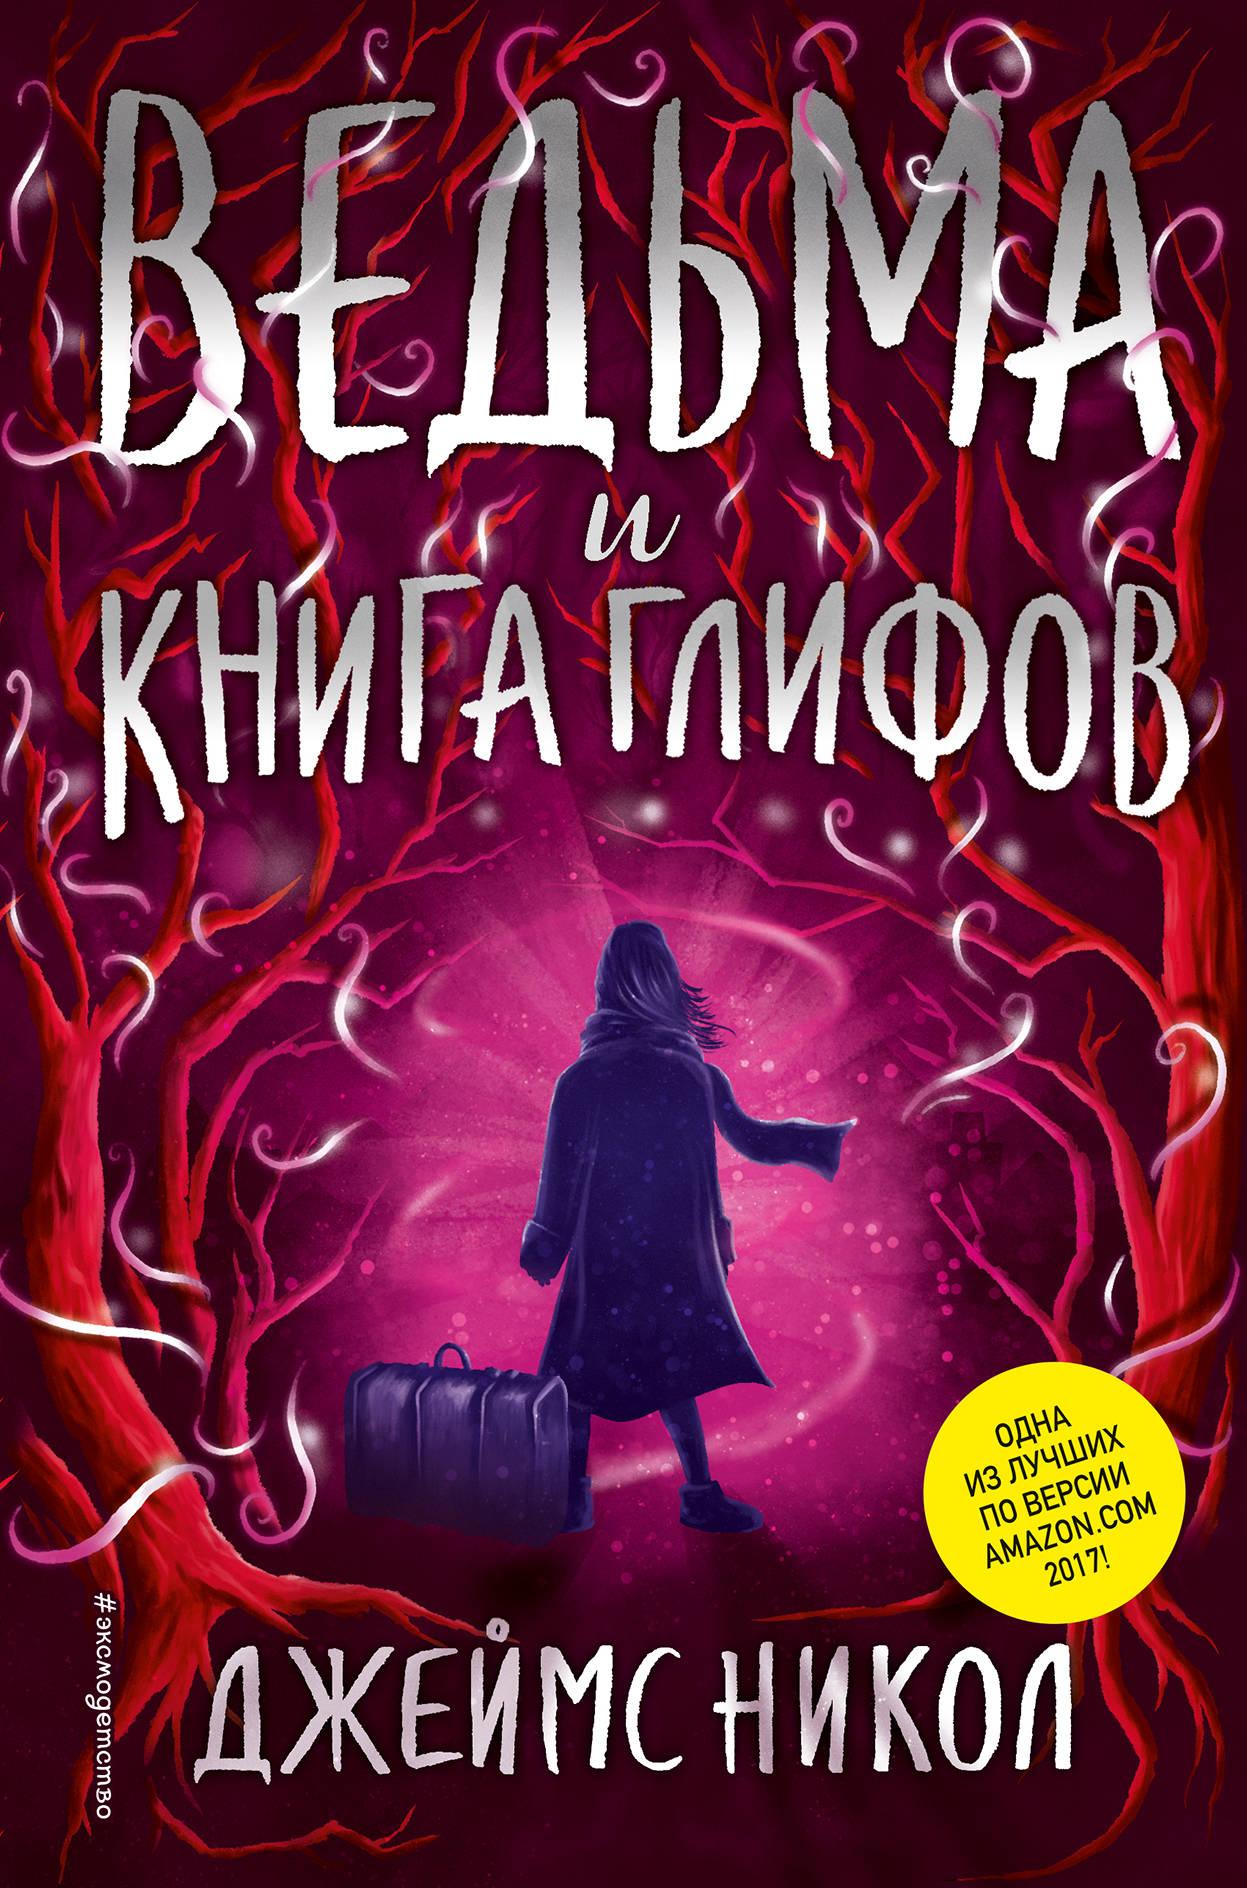 Ведьма и Книга глифов